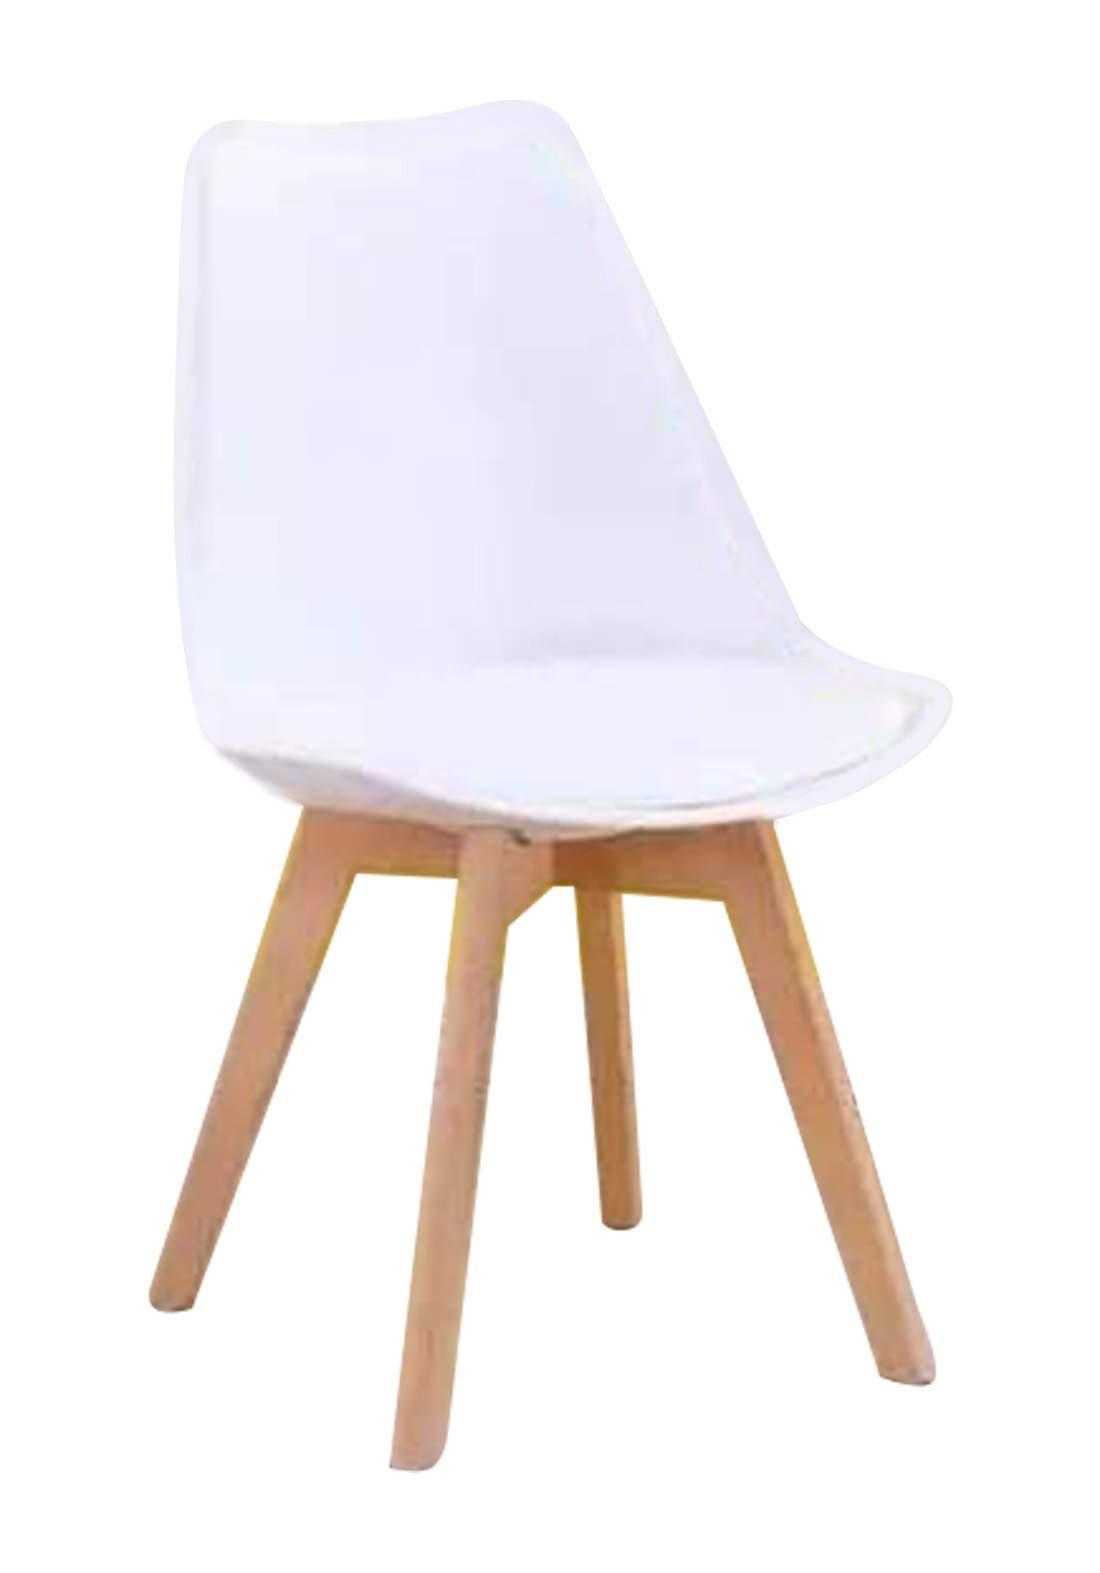 كرسي  متعدد الأستخدام من سامبا هوم